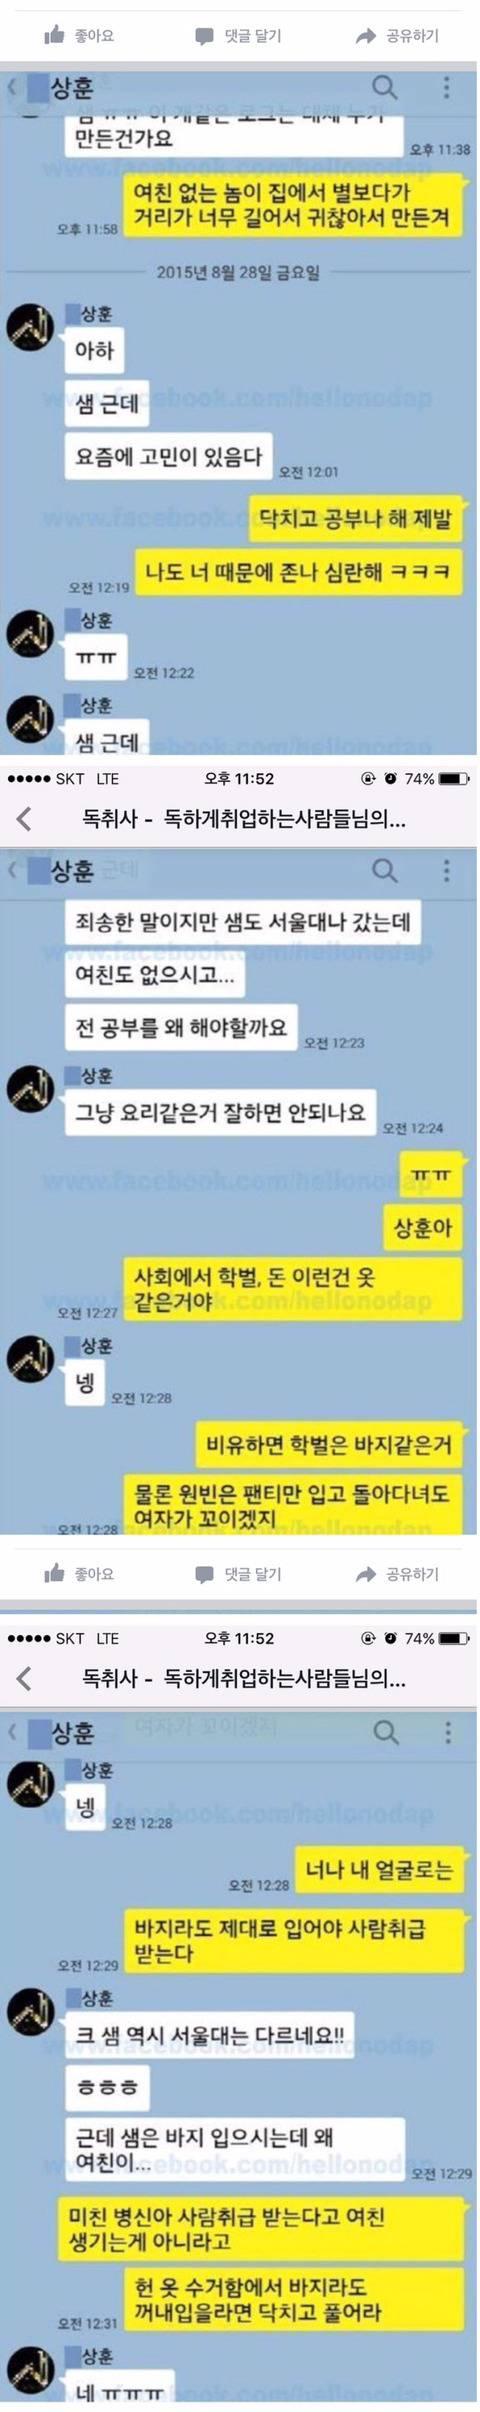 서울대 과외선생님의 팩폭 | 인스티즈